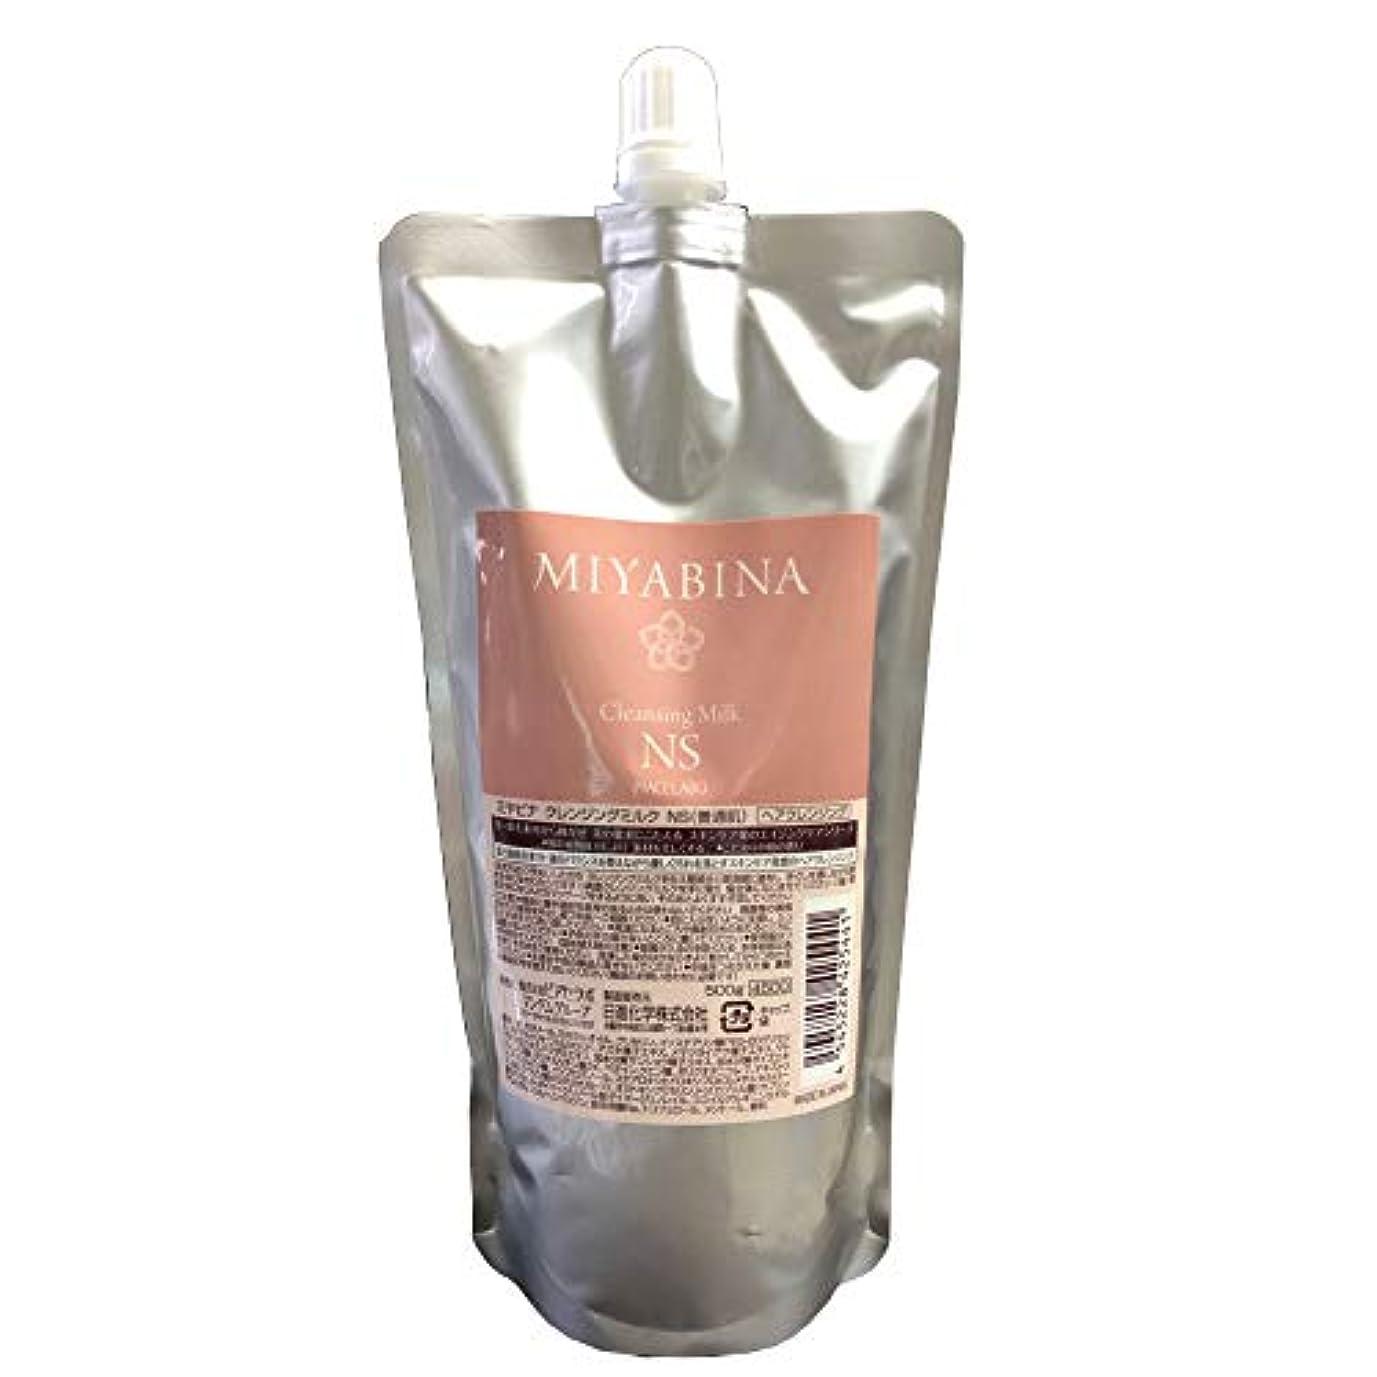 剃る曇った上ミヤビナ クレンジングミルク NS(普通肌) 500g レフィル(詰め替え)